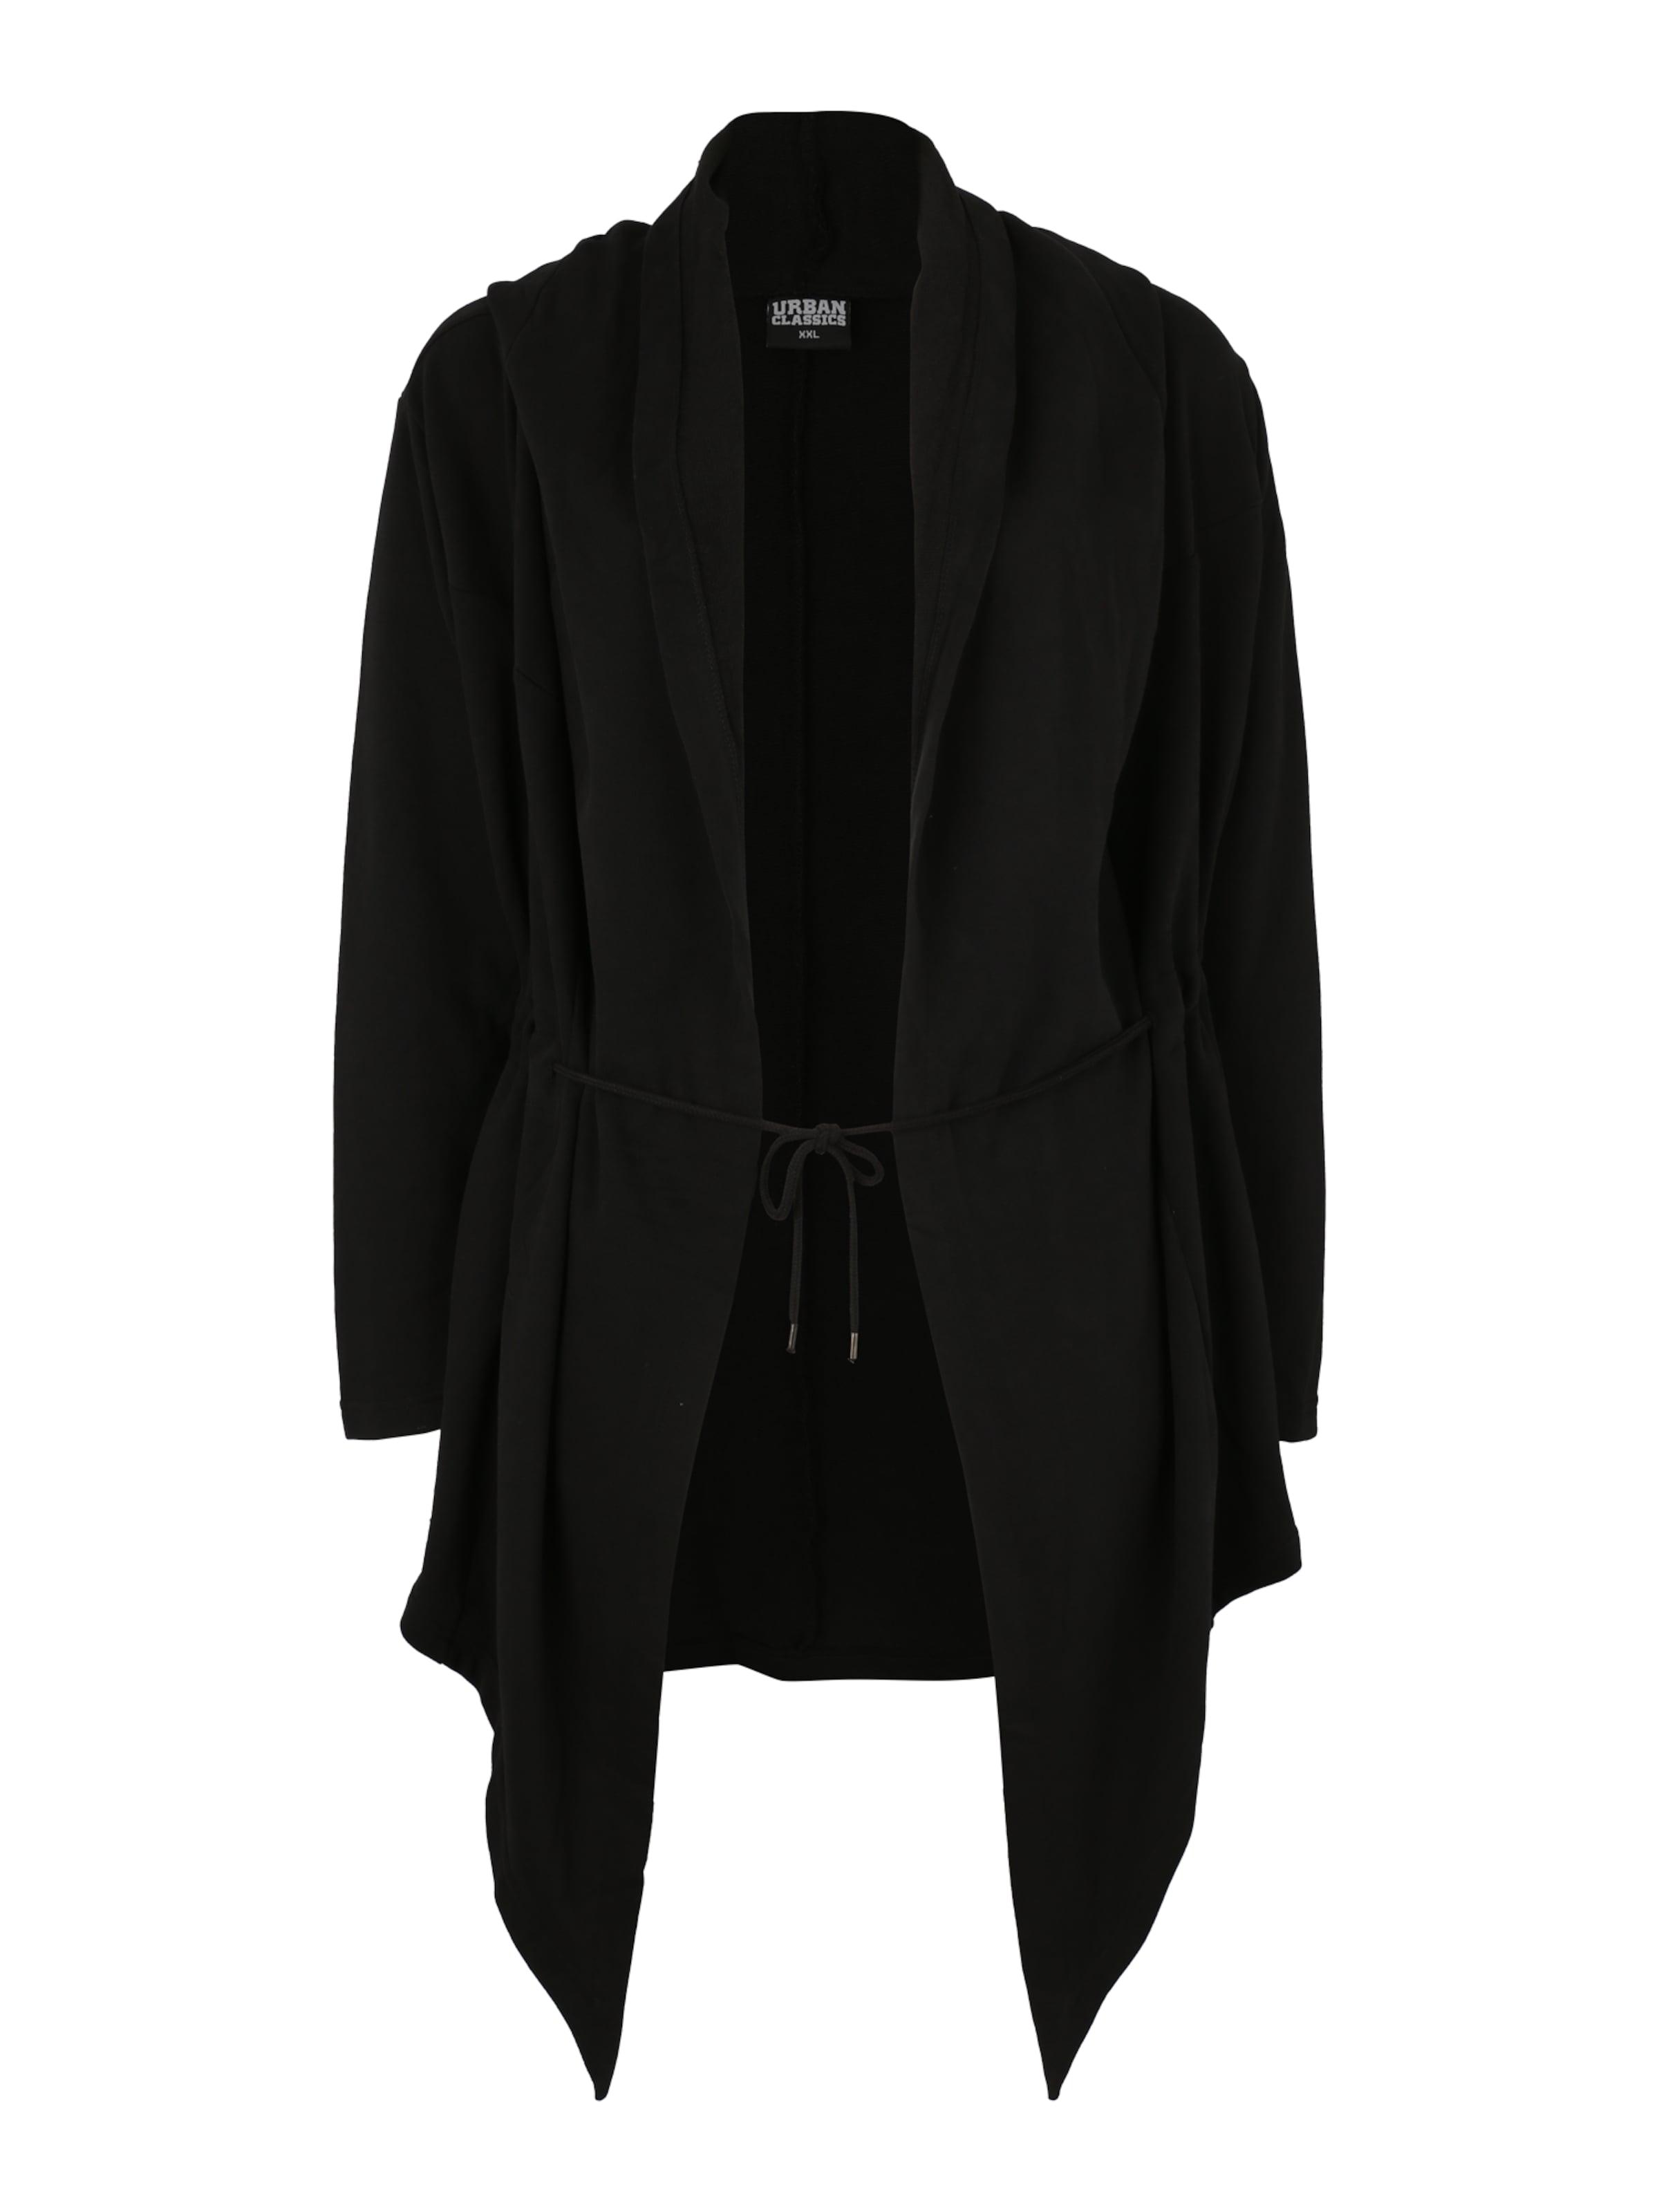 Urban Sweat Veste En Curvy Cardigan' Classics Survêtement 'ladies Hooded Noir De 5ARj34L